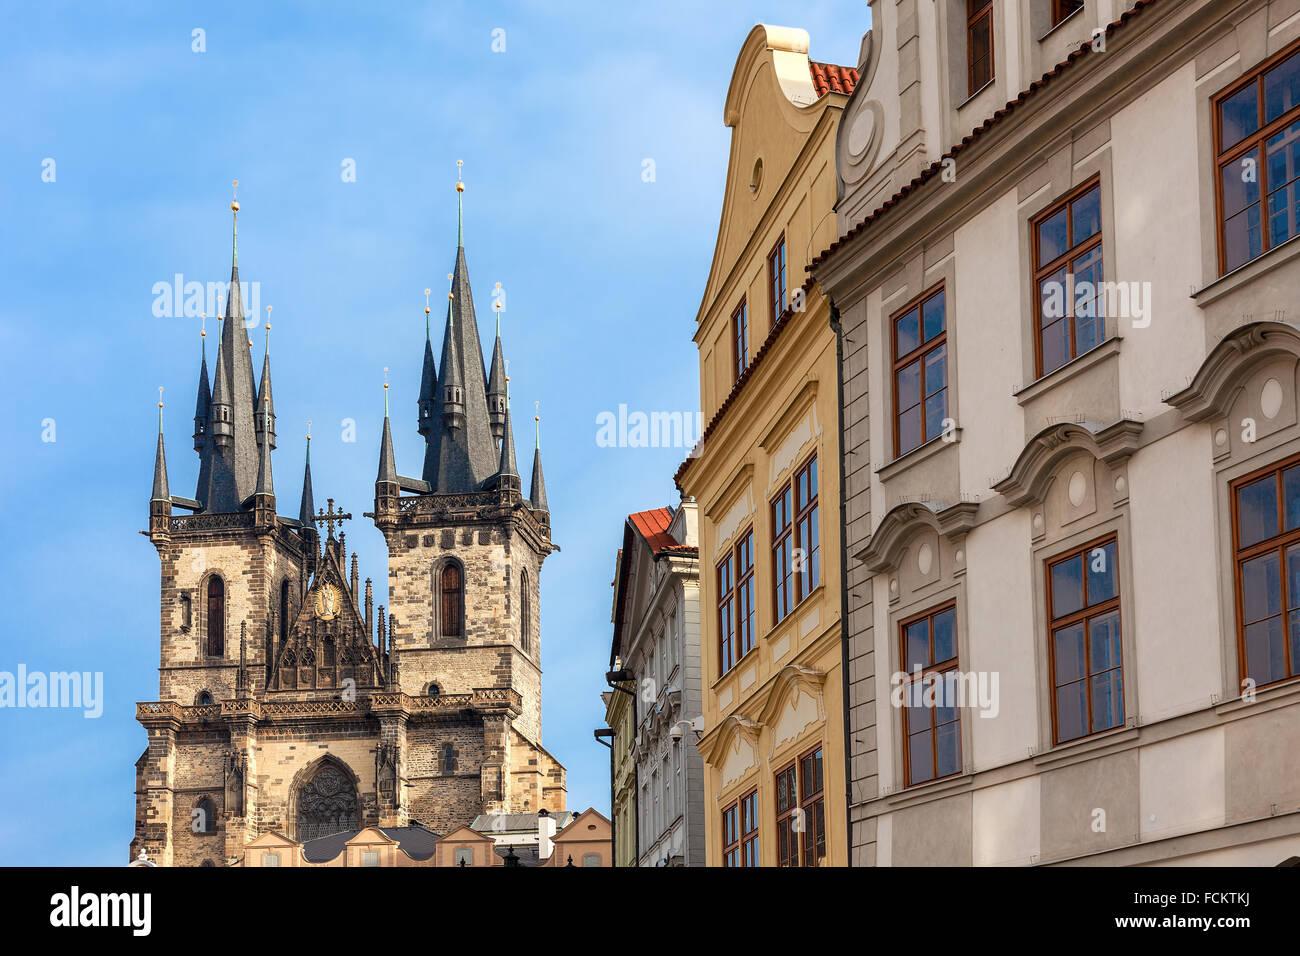 Typische Architektur und Kirche der Gottesmutter vor Tyn in Prag, Tschechien. Stockbild